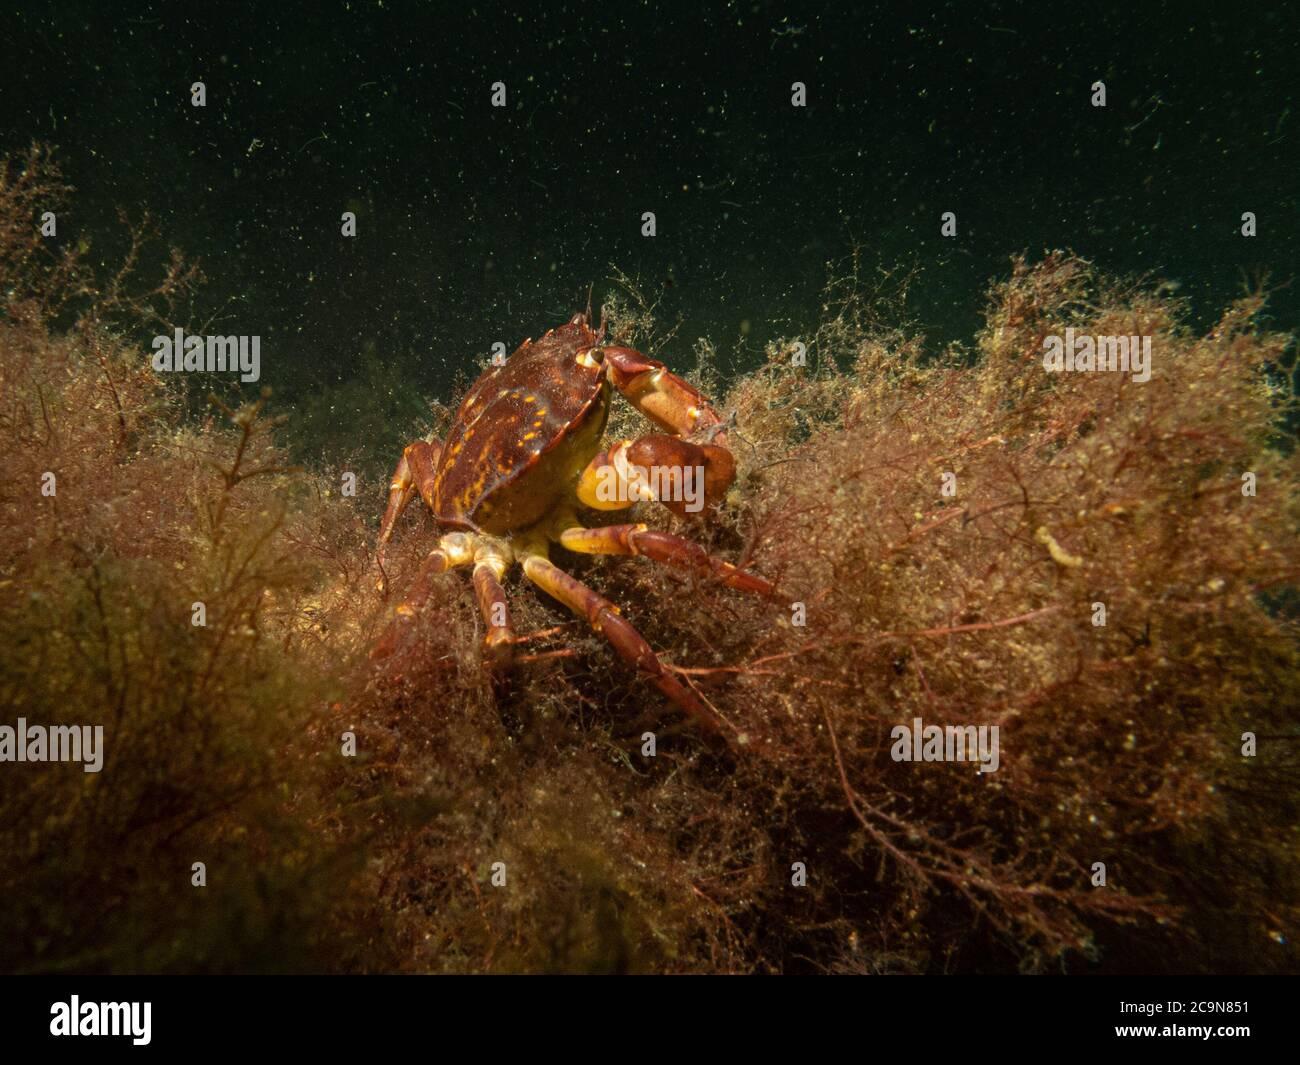 Una foto bajo el agua de primer plano de un cangrejo tomando refugio en algas marinas. Foto de Oresund, Malmo en el sur de Suecia. Foto de stock